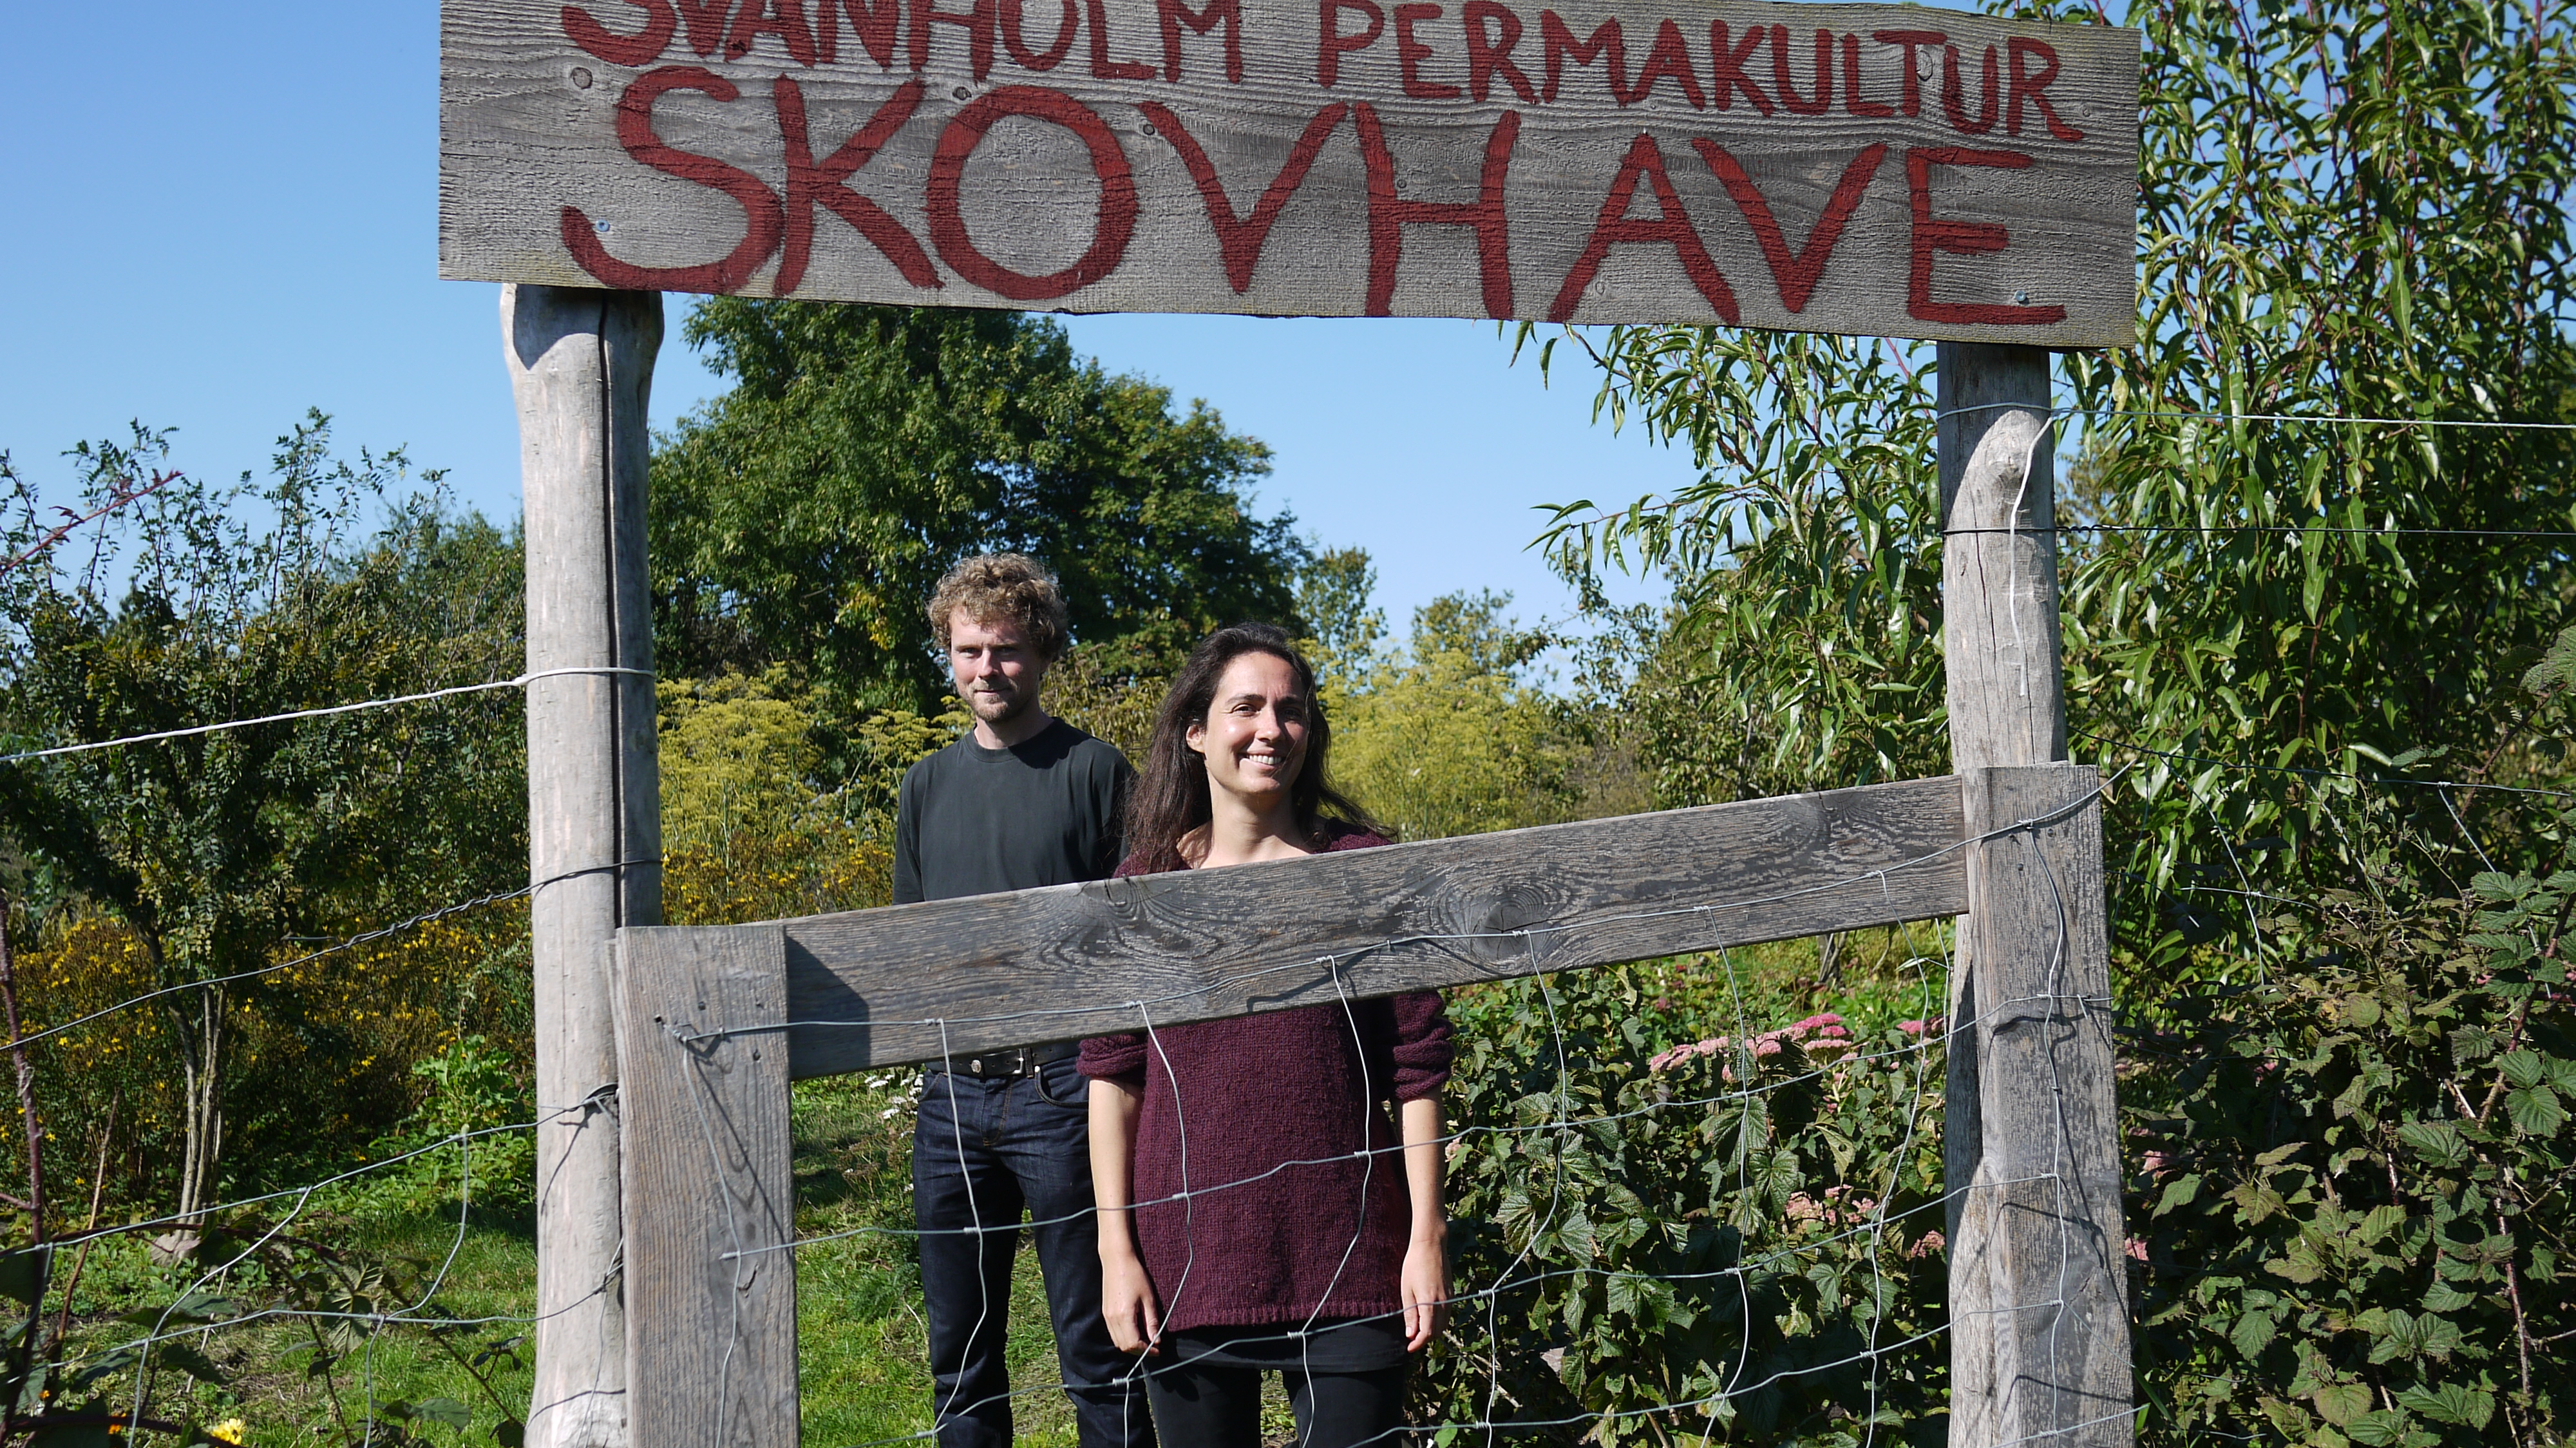 Hør P1 udsendelse om Svanholm Permakultur Skovhave – der modvirker klimaforandringerne